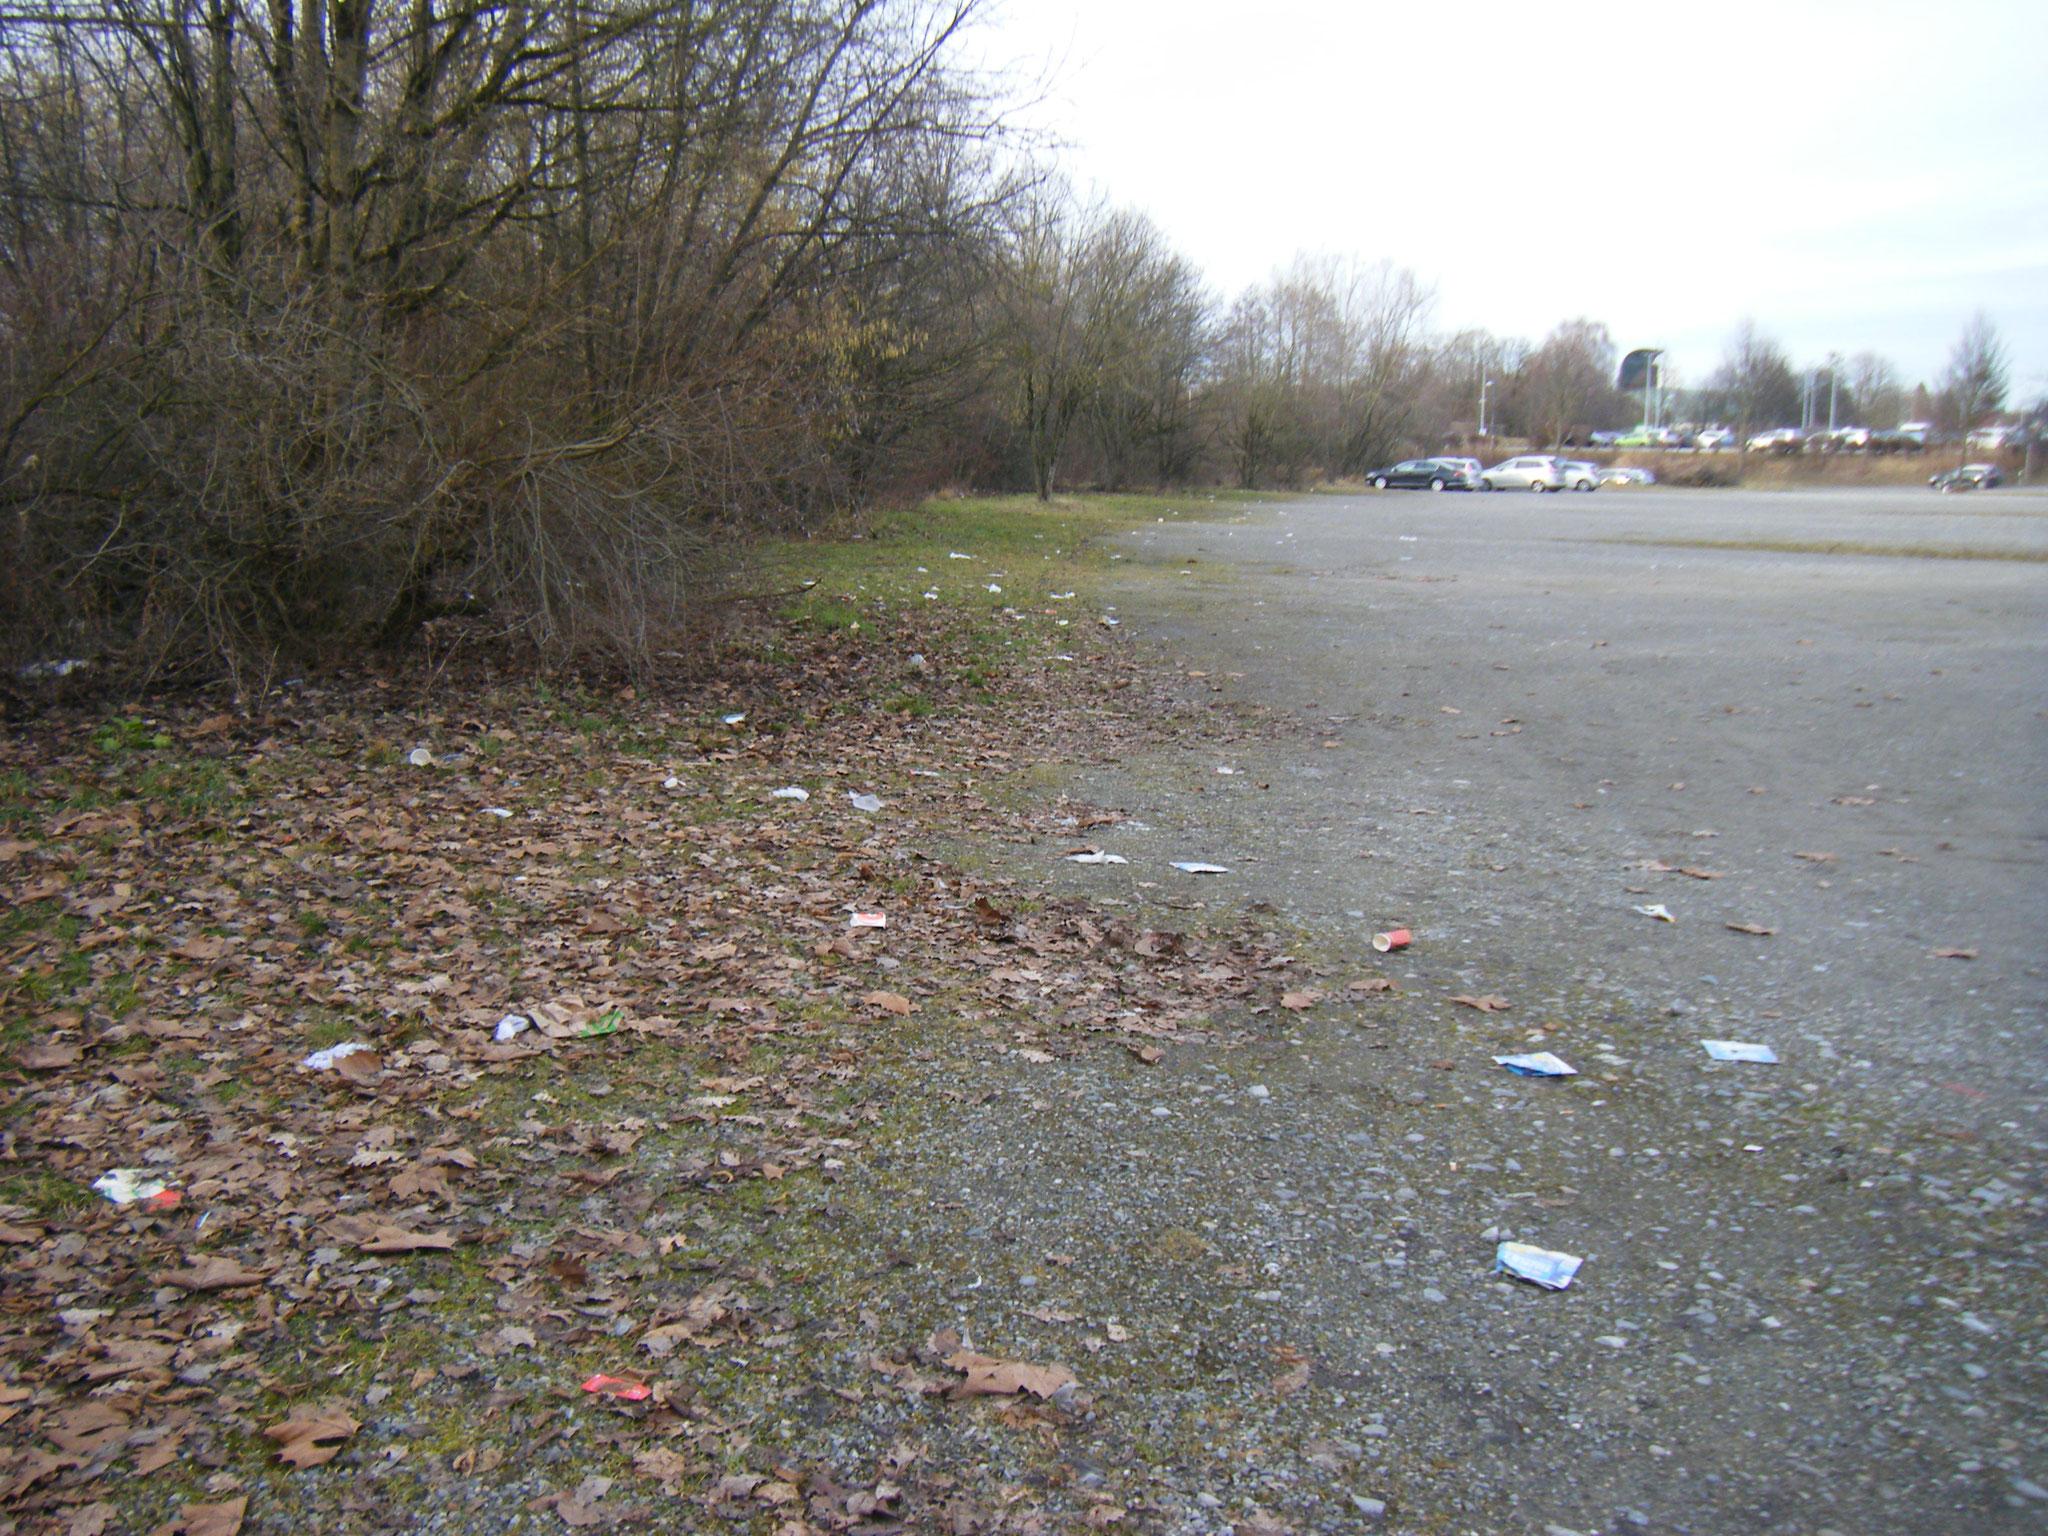 Der Ostwind weht allen Müll vom Parkplatz ins Gebüsch, wo er nun wirklich nicht hin gehört